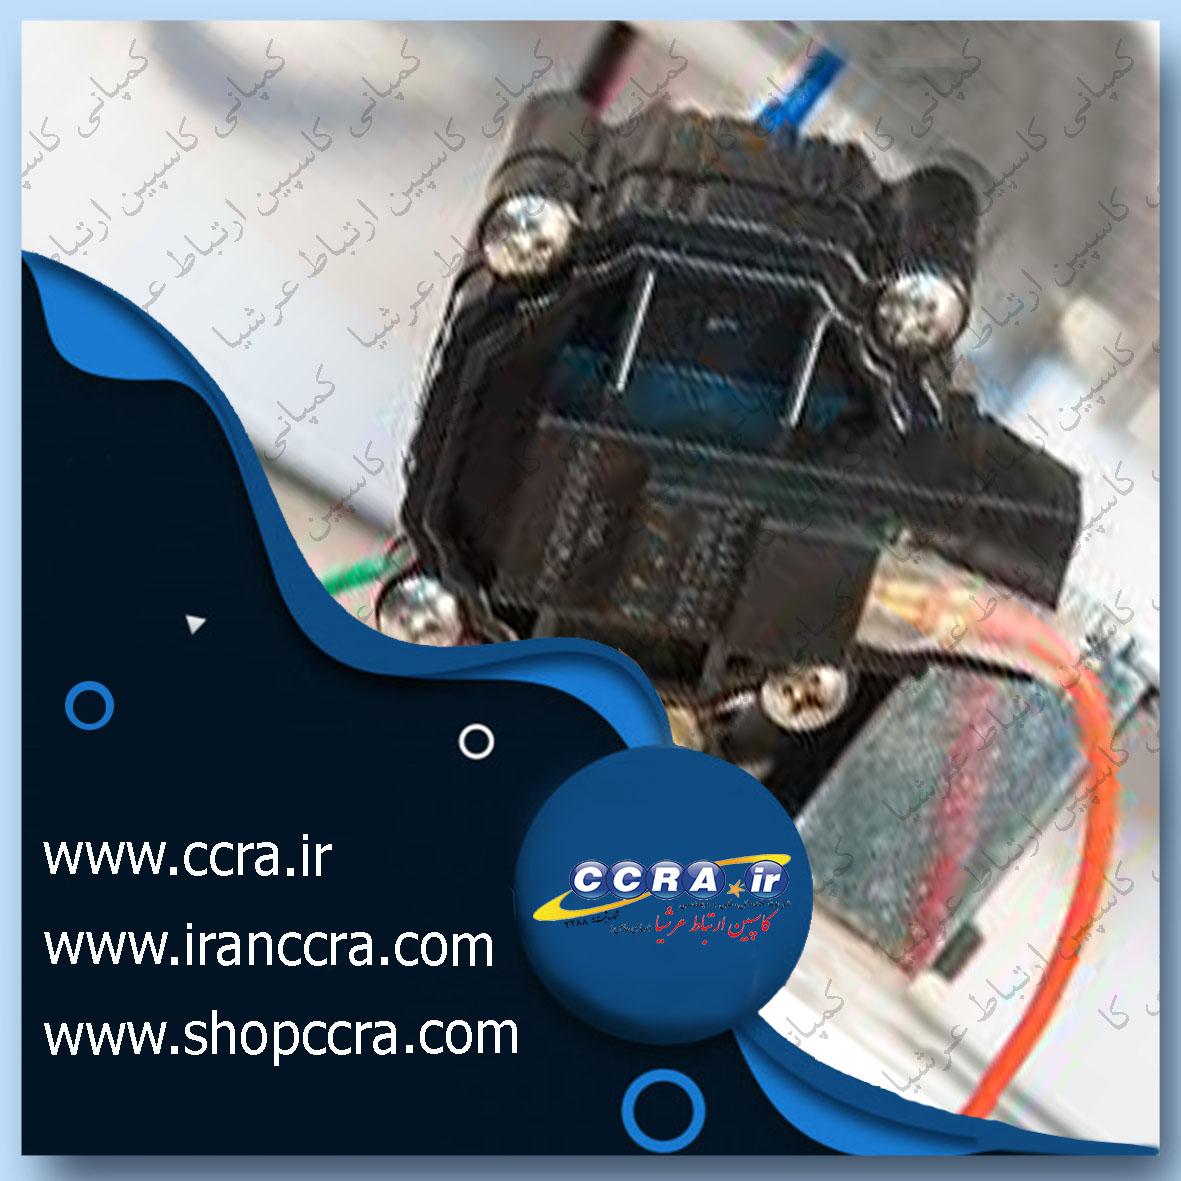 آموزش تعویض سوئیچ فشار پایین دستگاه تصفیه آب آکوالایف